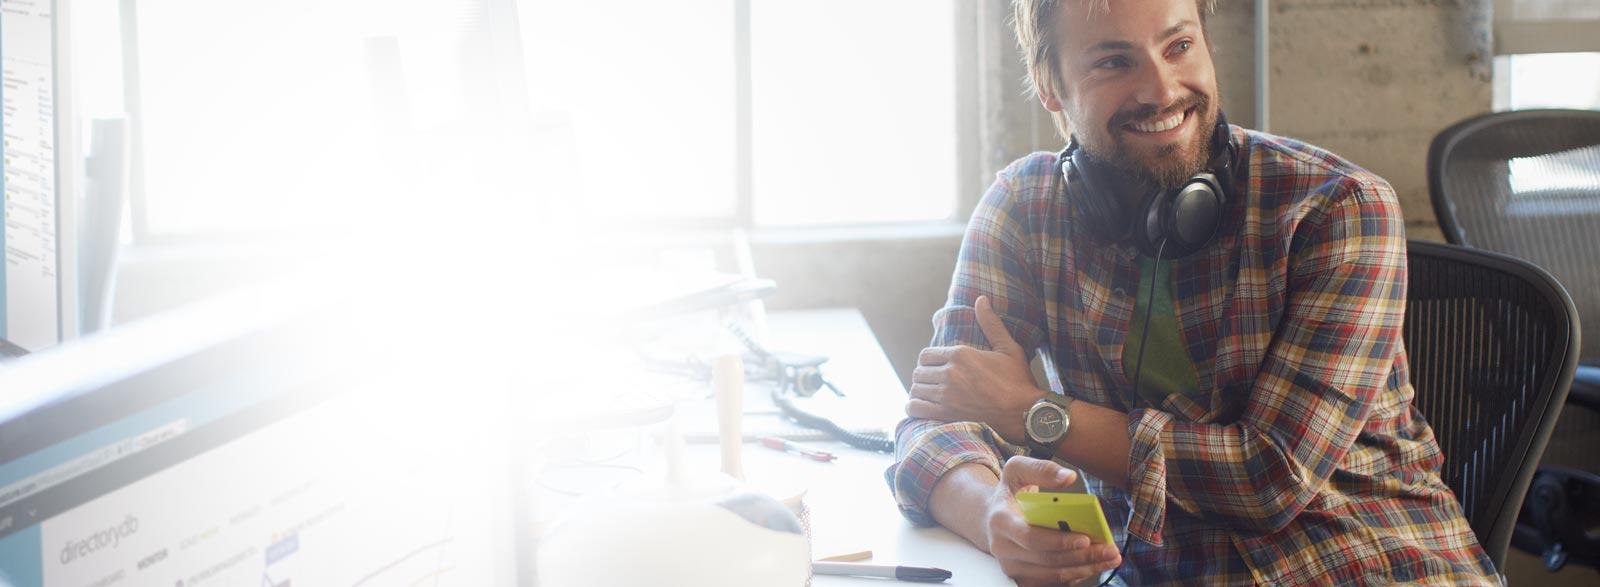 Office 365 Enterprise E1 के साथ नवीनतम उत्पादकता और सहयोग सेवाएँ प्राप्त करें.